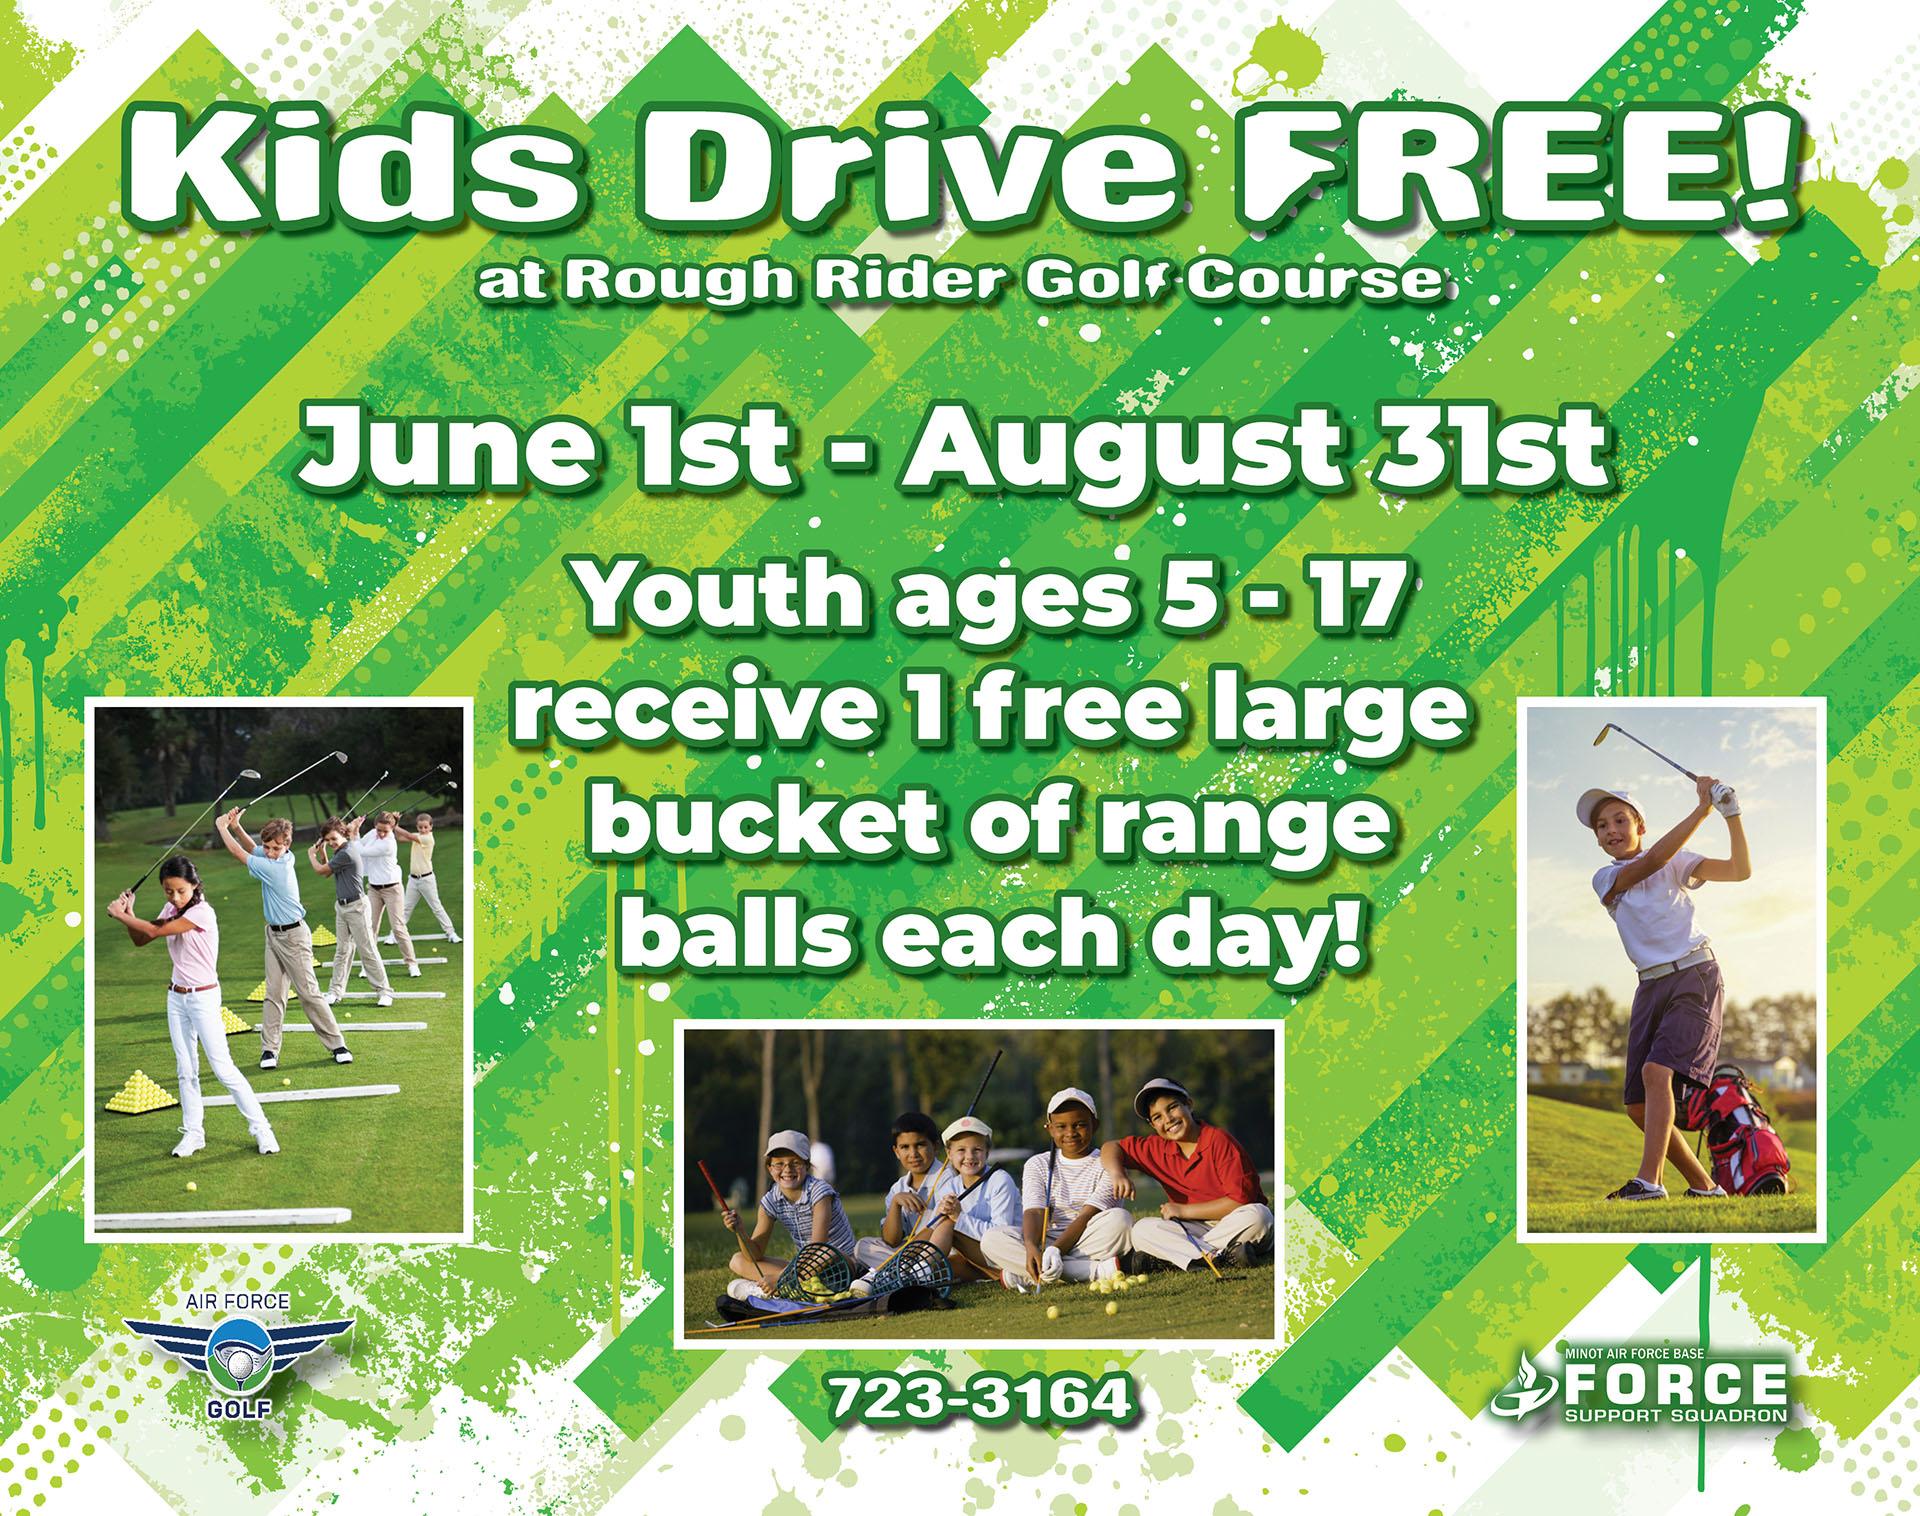 Kids Drive FREE Begins